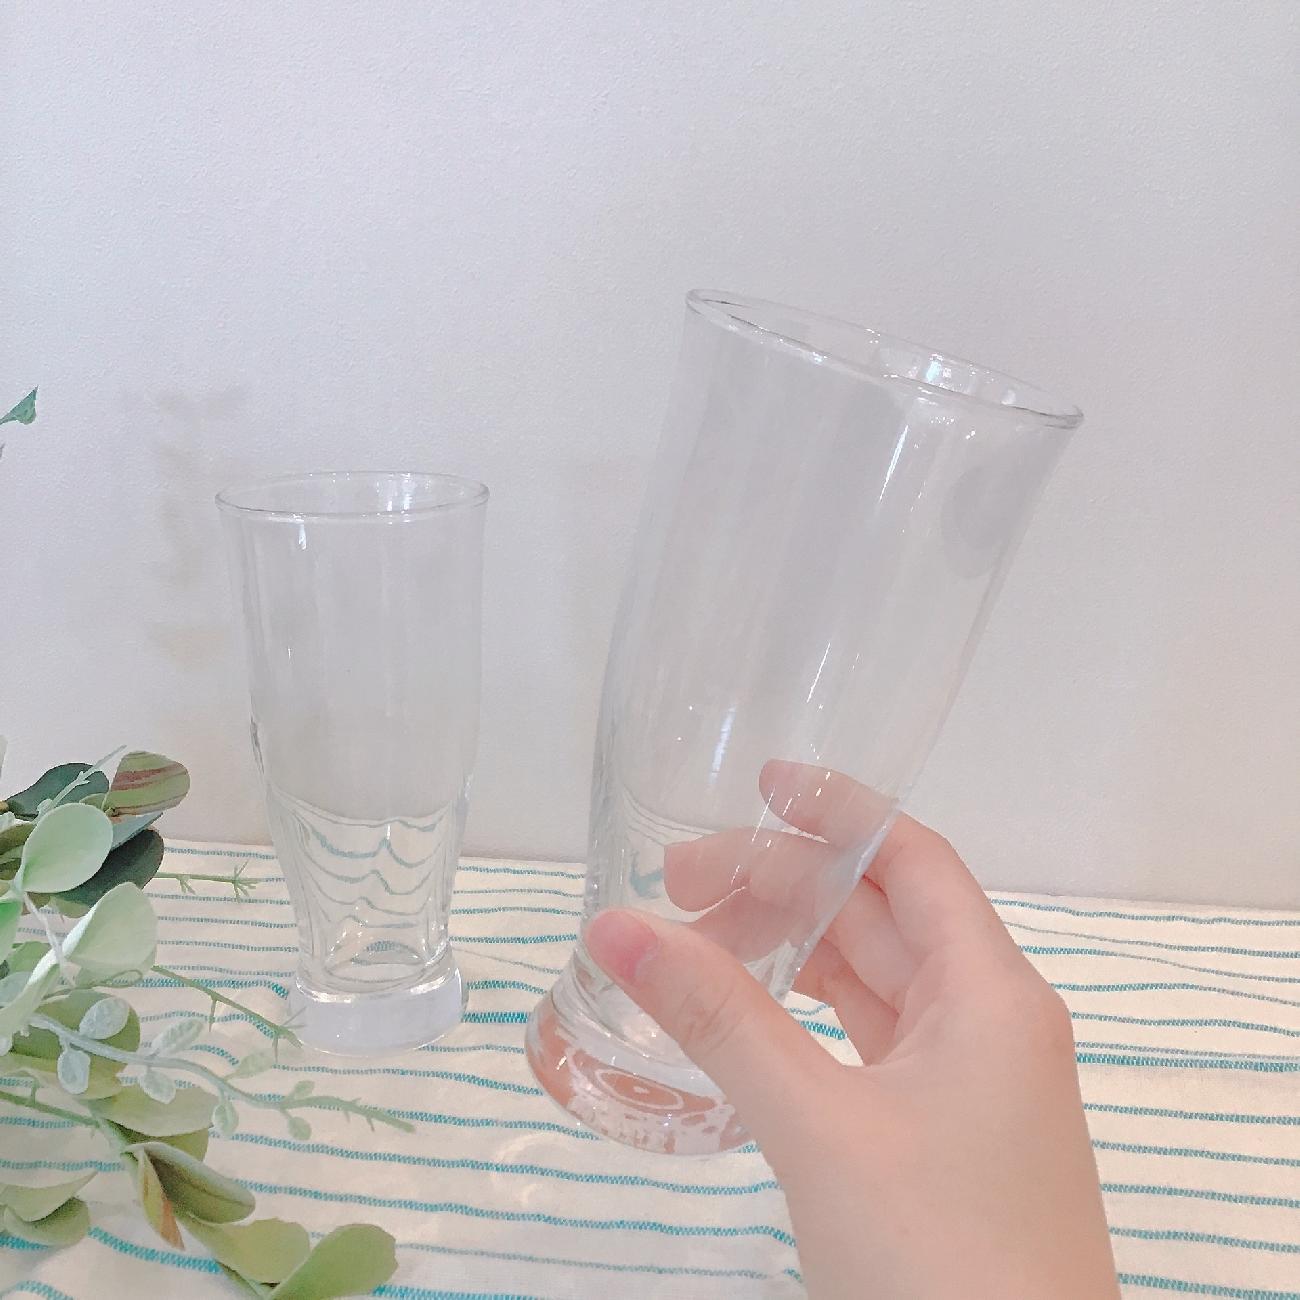 父の日/グラス/ビアグラス/お酒/ビール/プレゼント/贈り物/ギフト/感謝